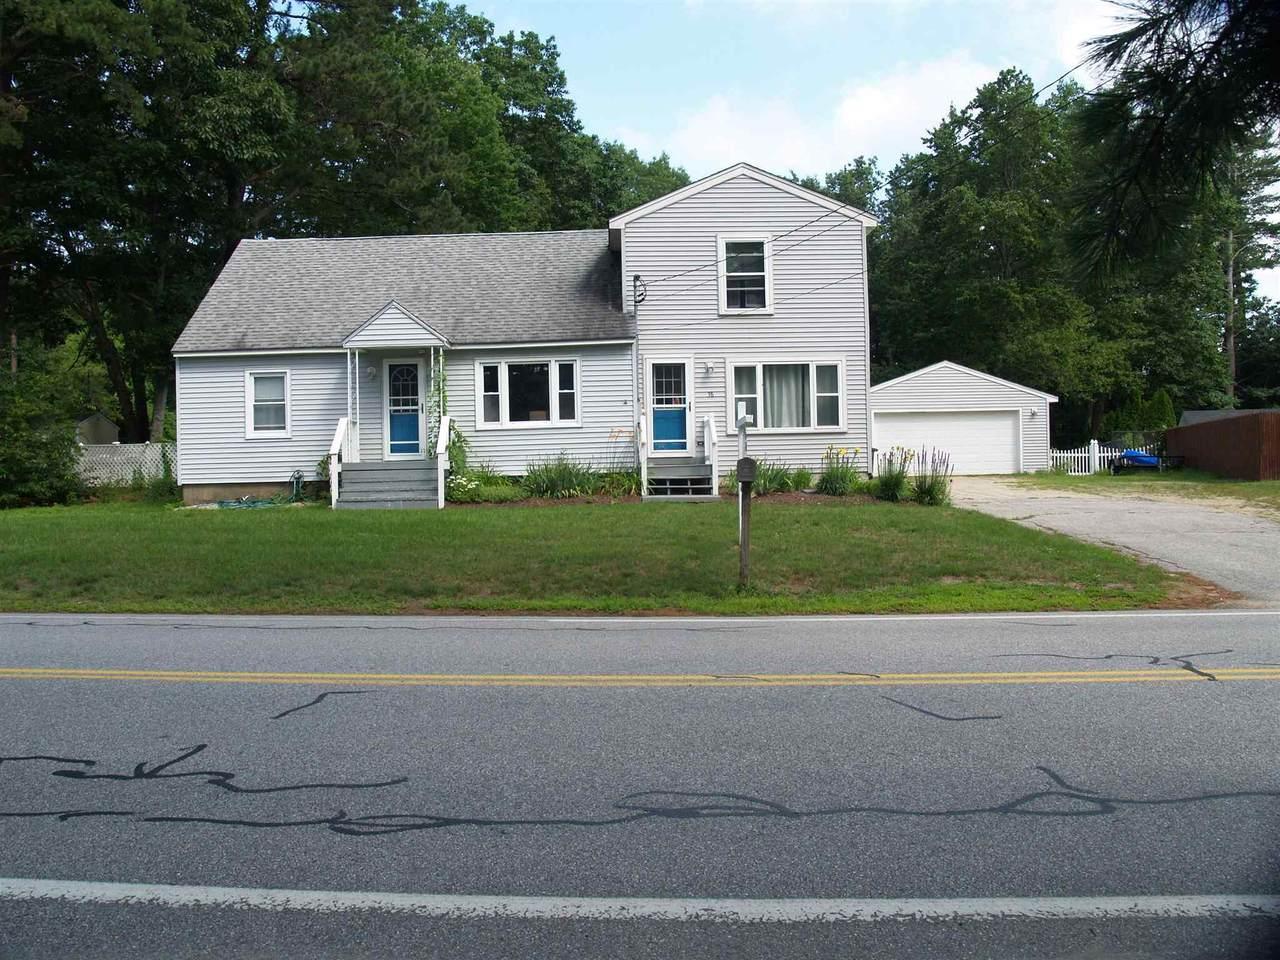 38 Benton Road - Photo 1